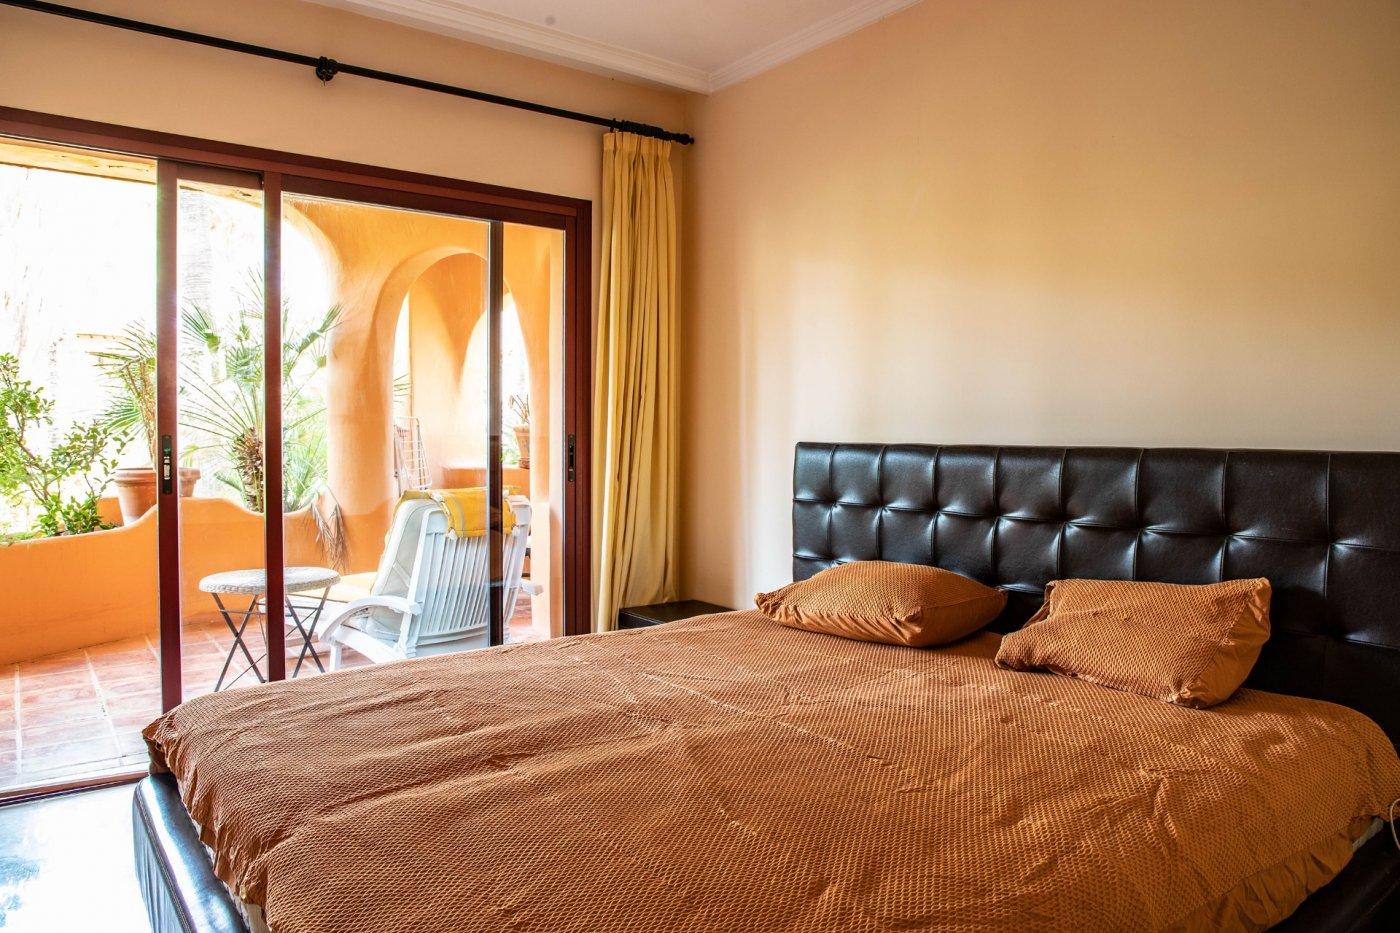 Precioso apartamento en santa ponsa - imagenInmueble28